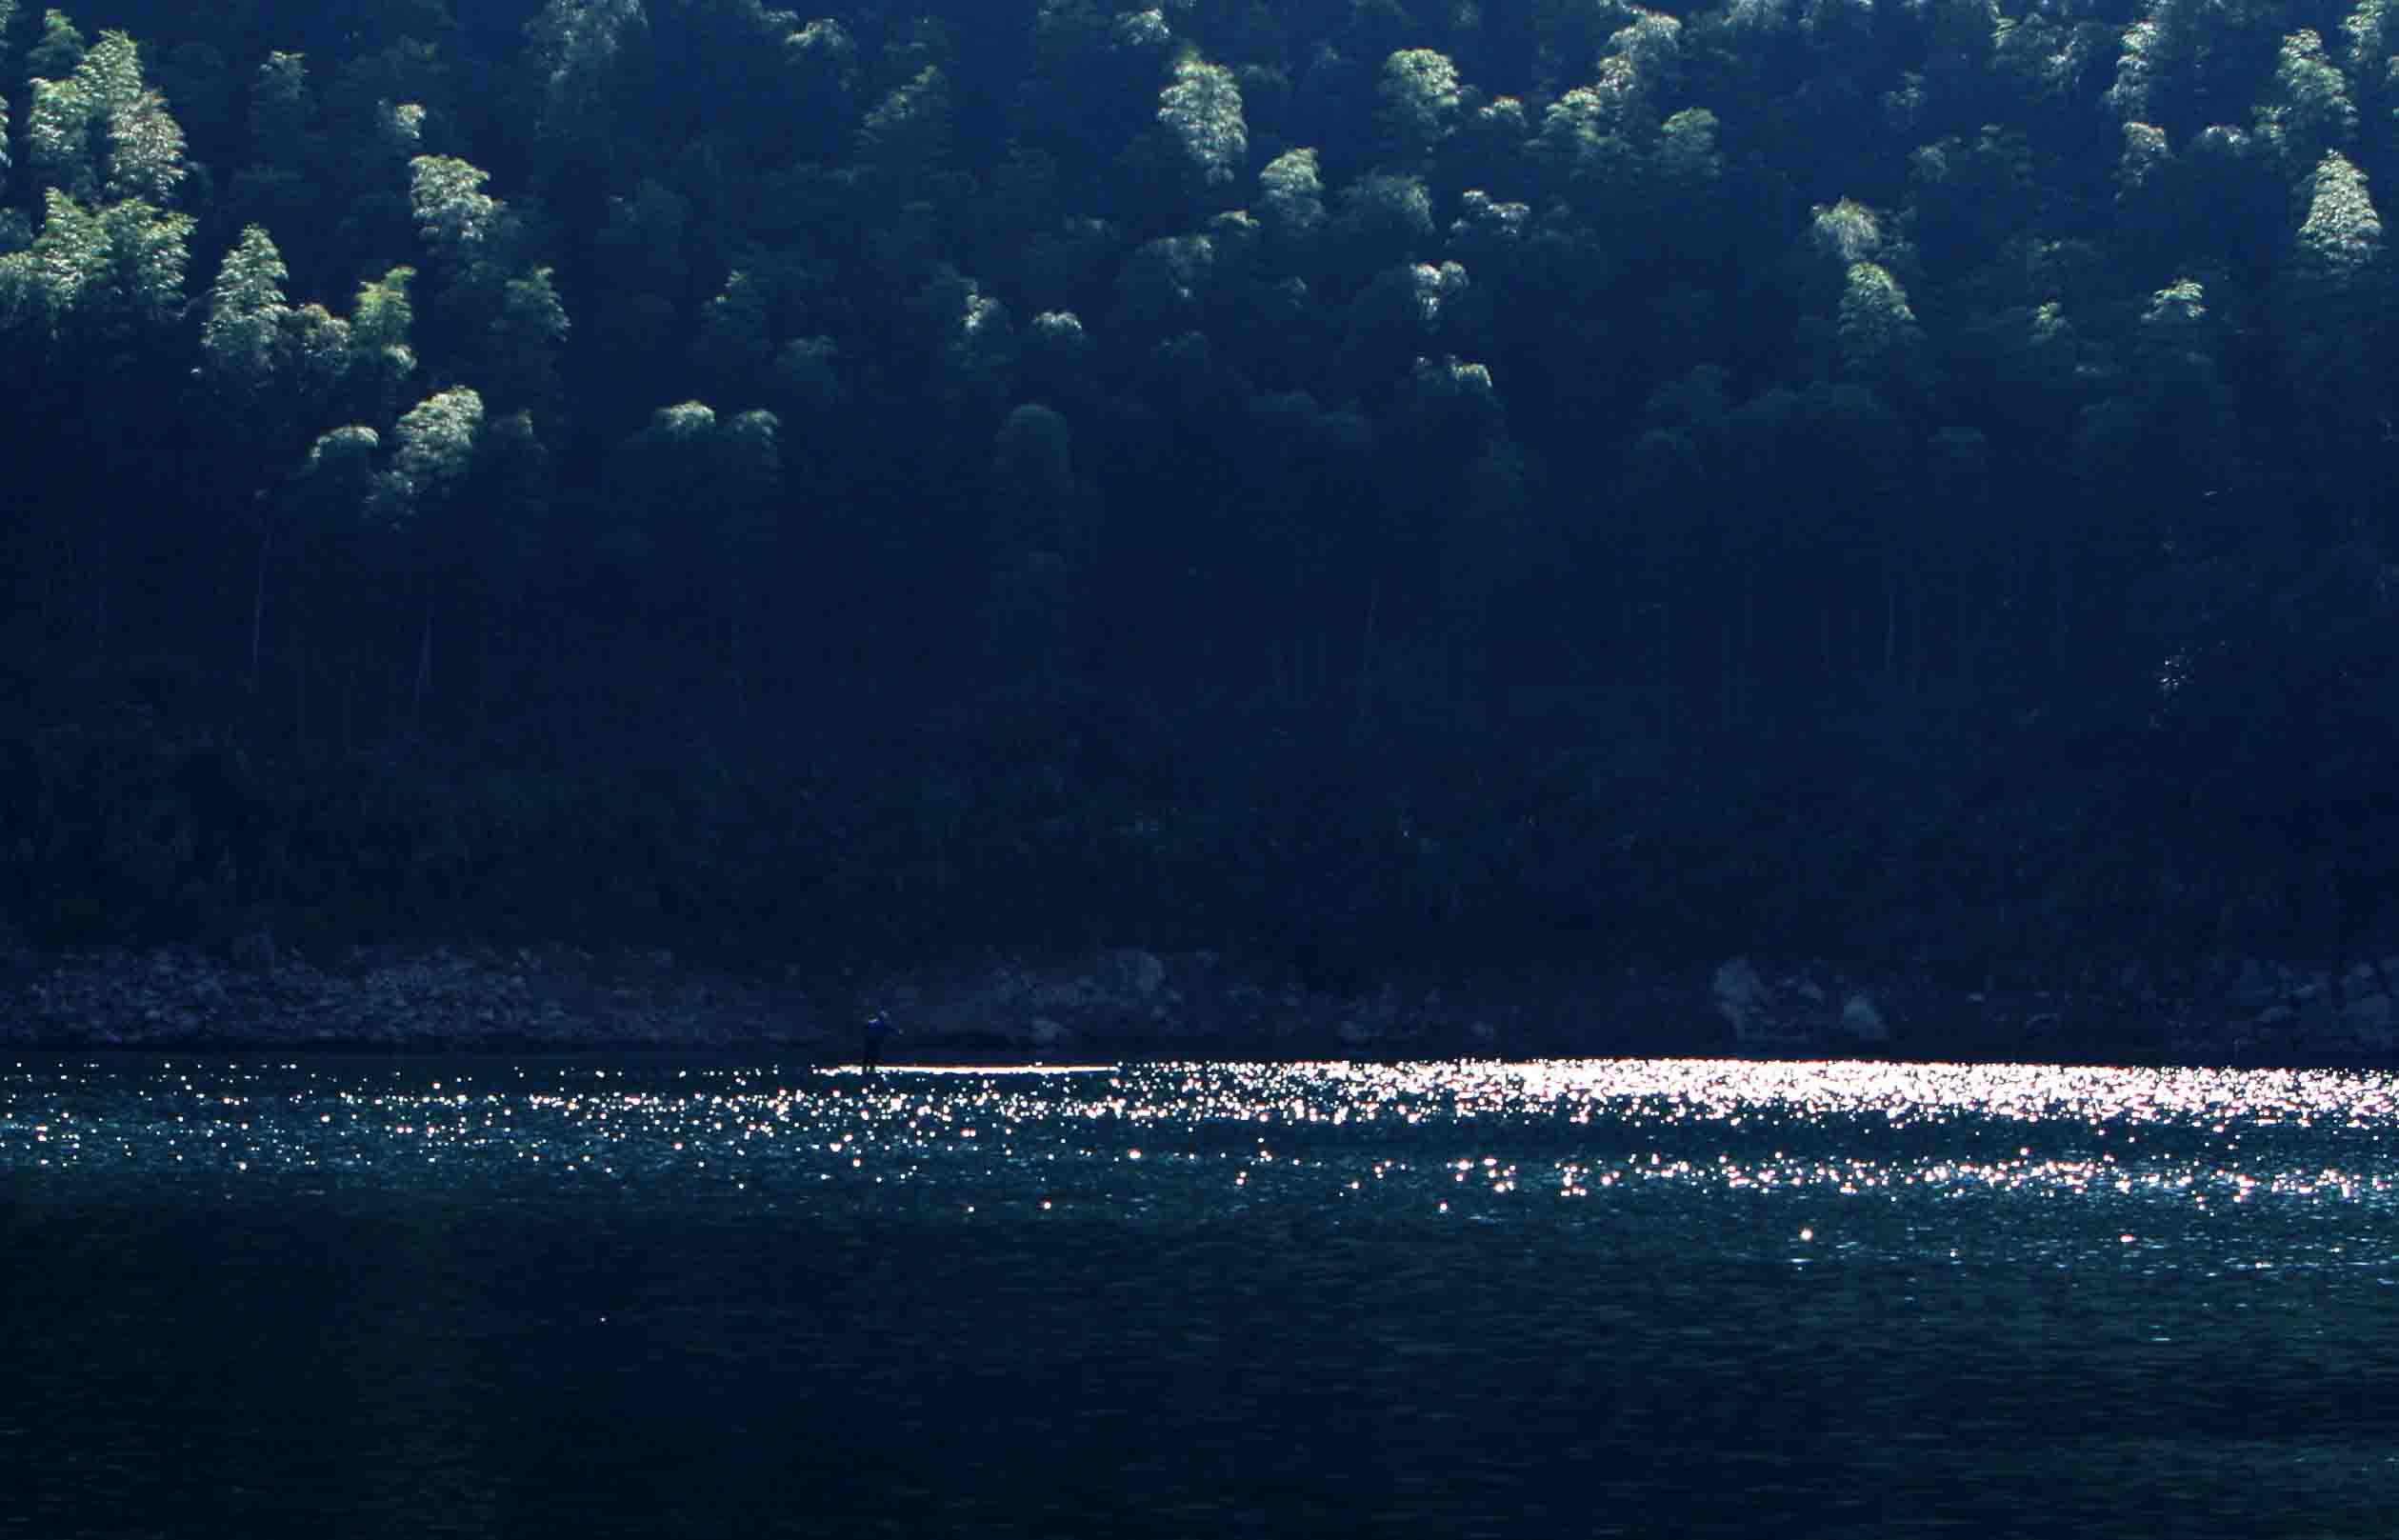 美丽的千岛湖(三) - 色眼看世界 - 图片摄 - 搜狐圈子